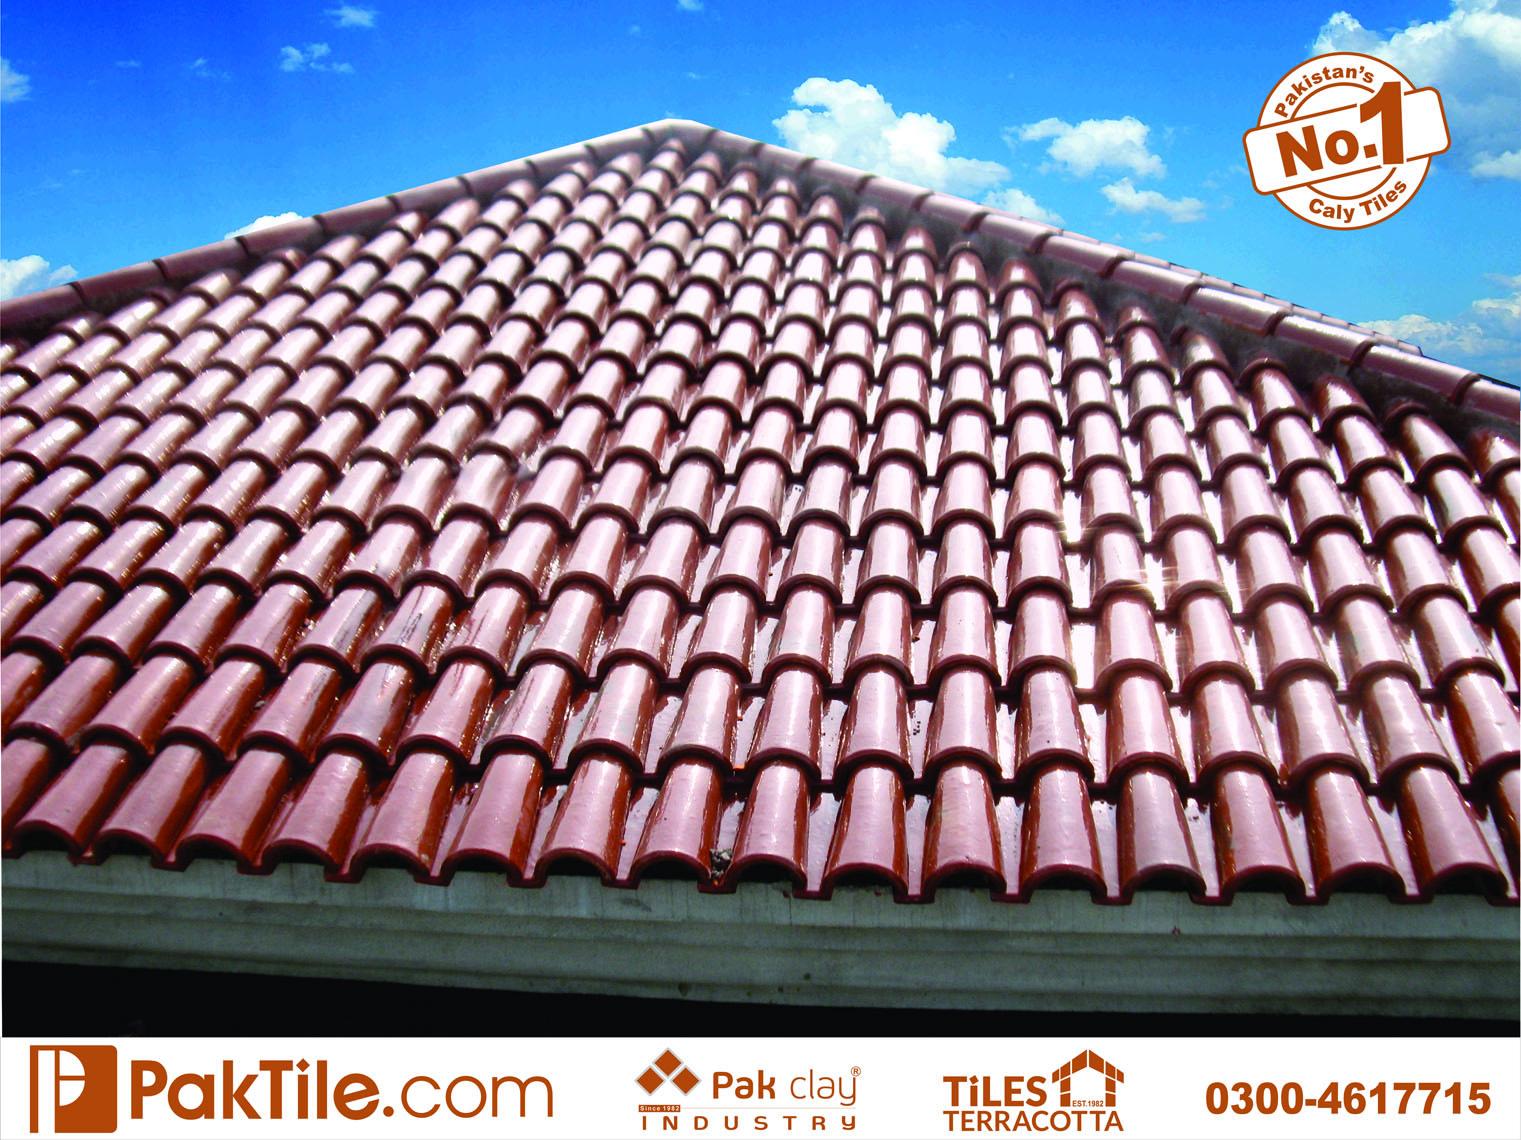 14 Buy terracotta ceramic glazed iranian roof shingles khaprail tiles for sale design house images